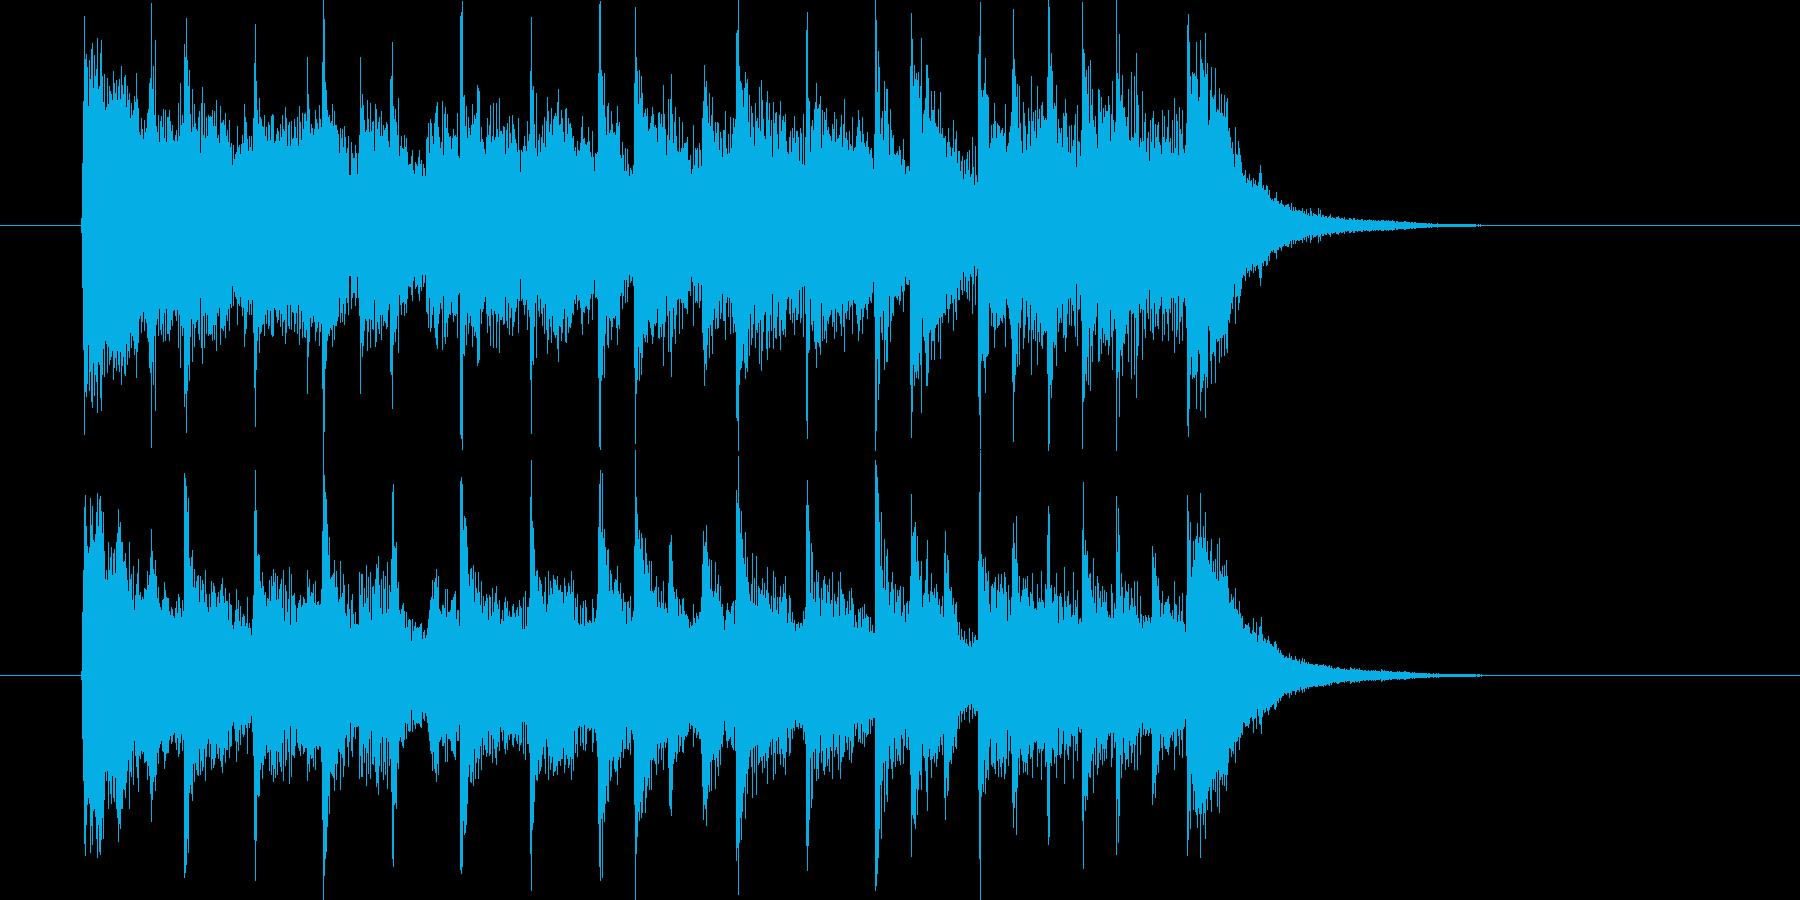 ドラムの軽快なリズムと共にの再生済みの波形